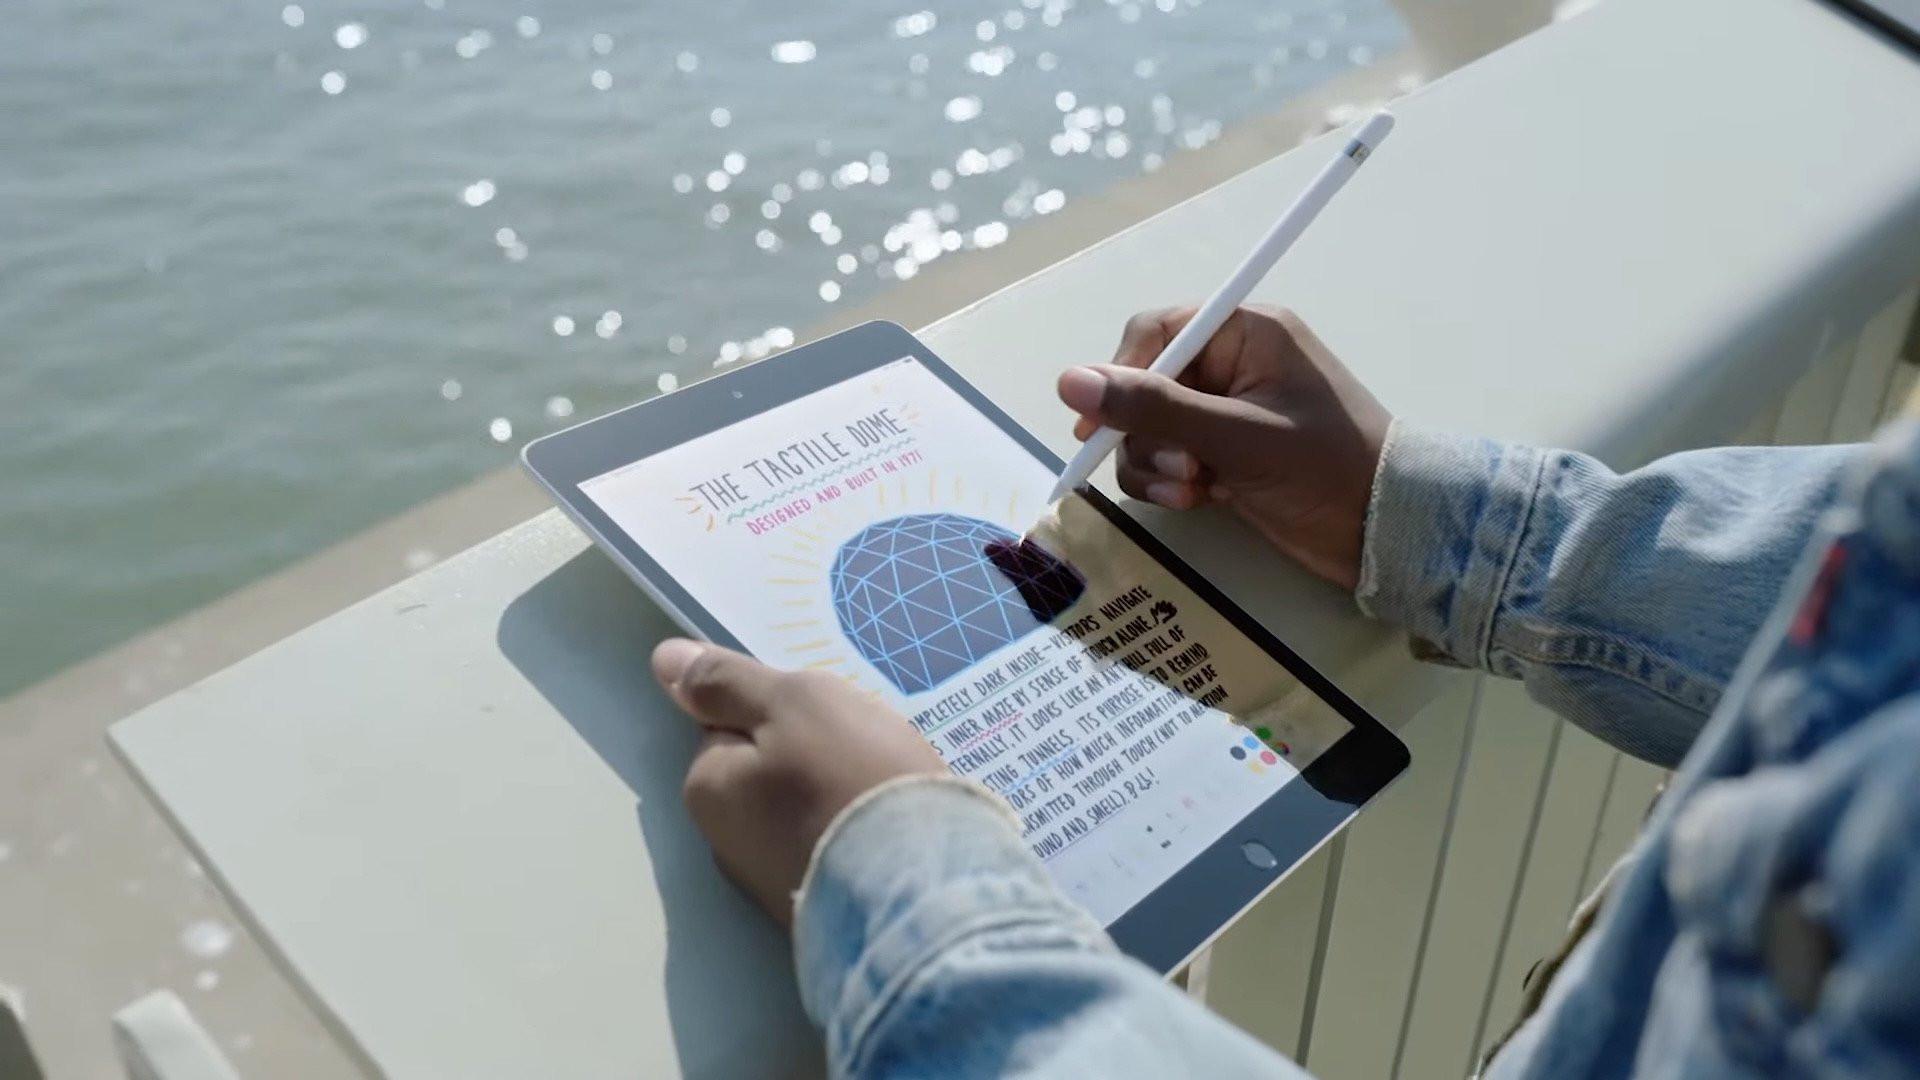 Yeni iPad ve iPad Mini modellerinin teknik özellikleri ve fiyatı açıklandı